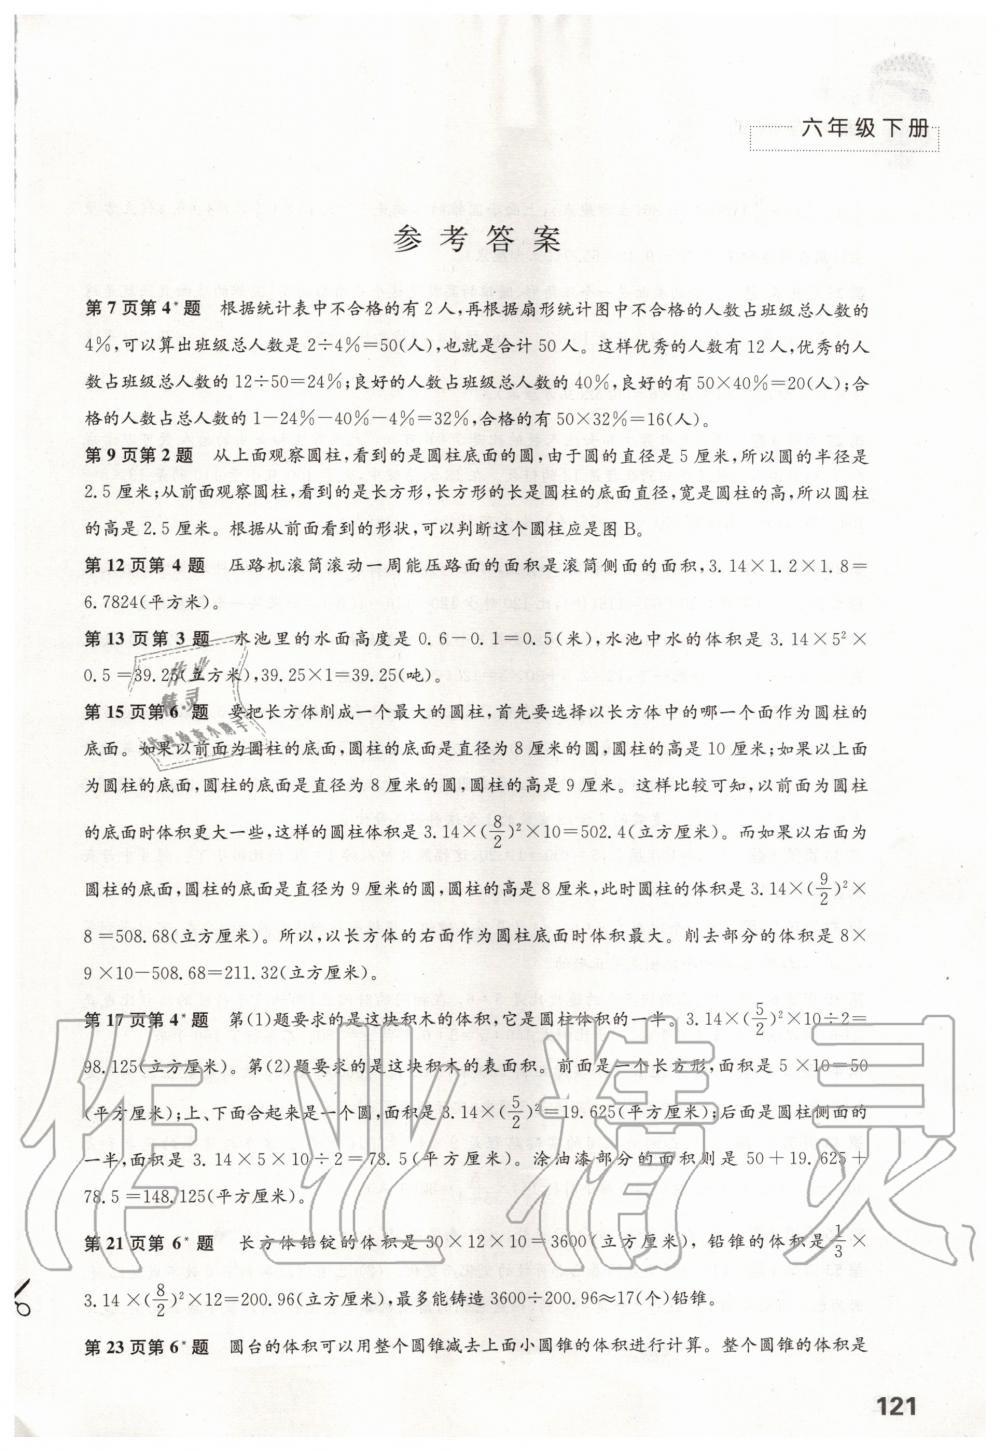 2020年练习与测试小学数学六年级下册苏教版第1页